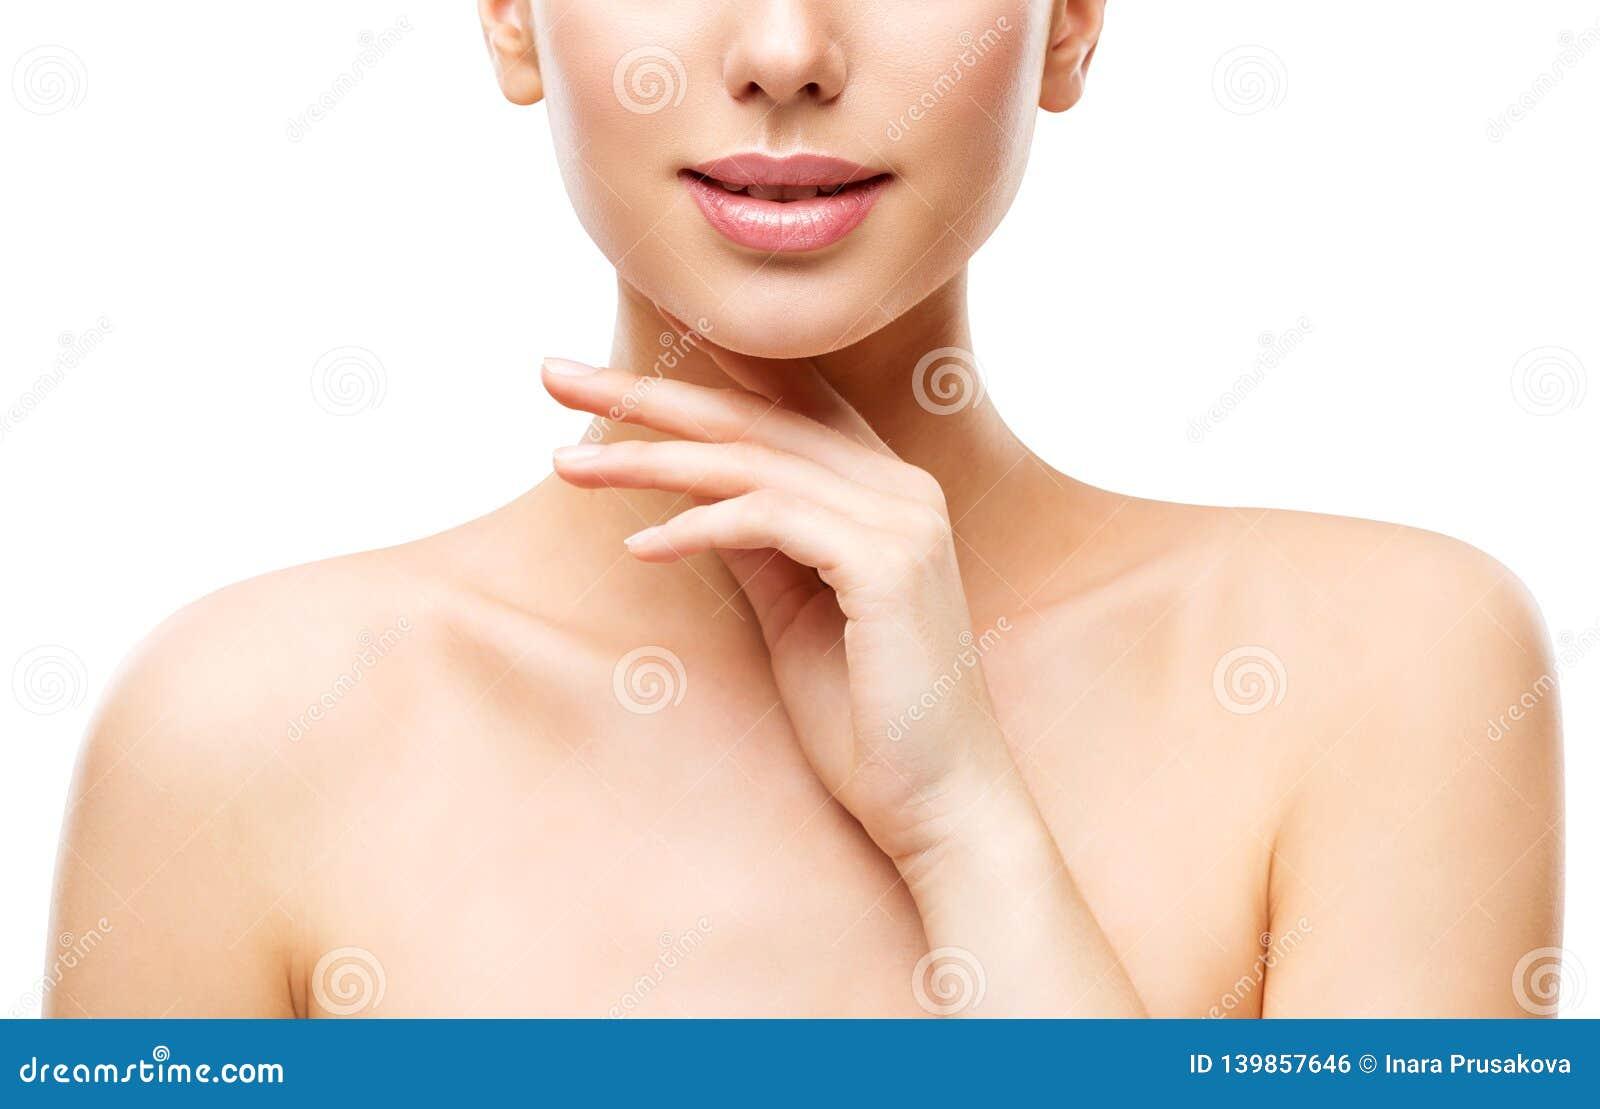 Φυσική φροντίδα δέρματος ομορφιάς, γυναίκα σχετικά με το πρόσωπο με το χέρι, νέο κορίτσι στο λευκό